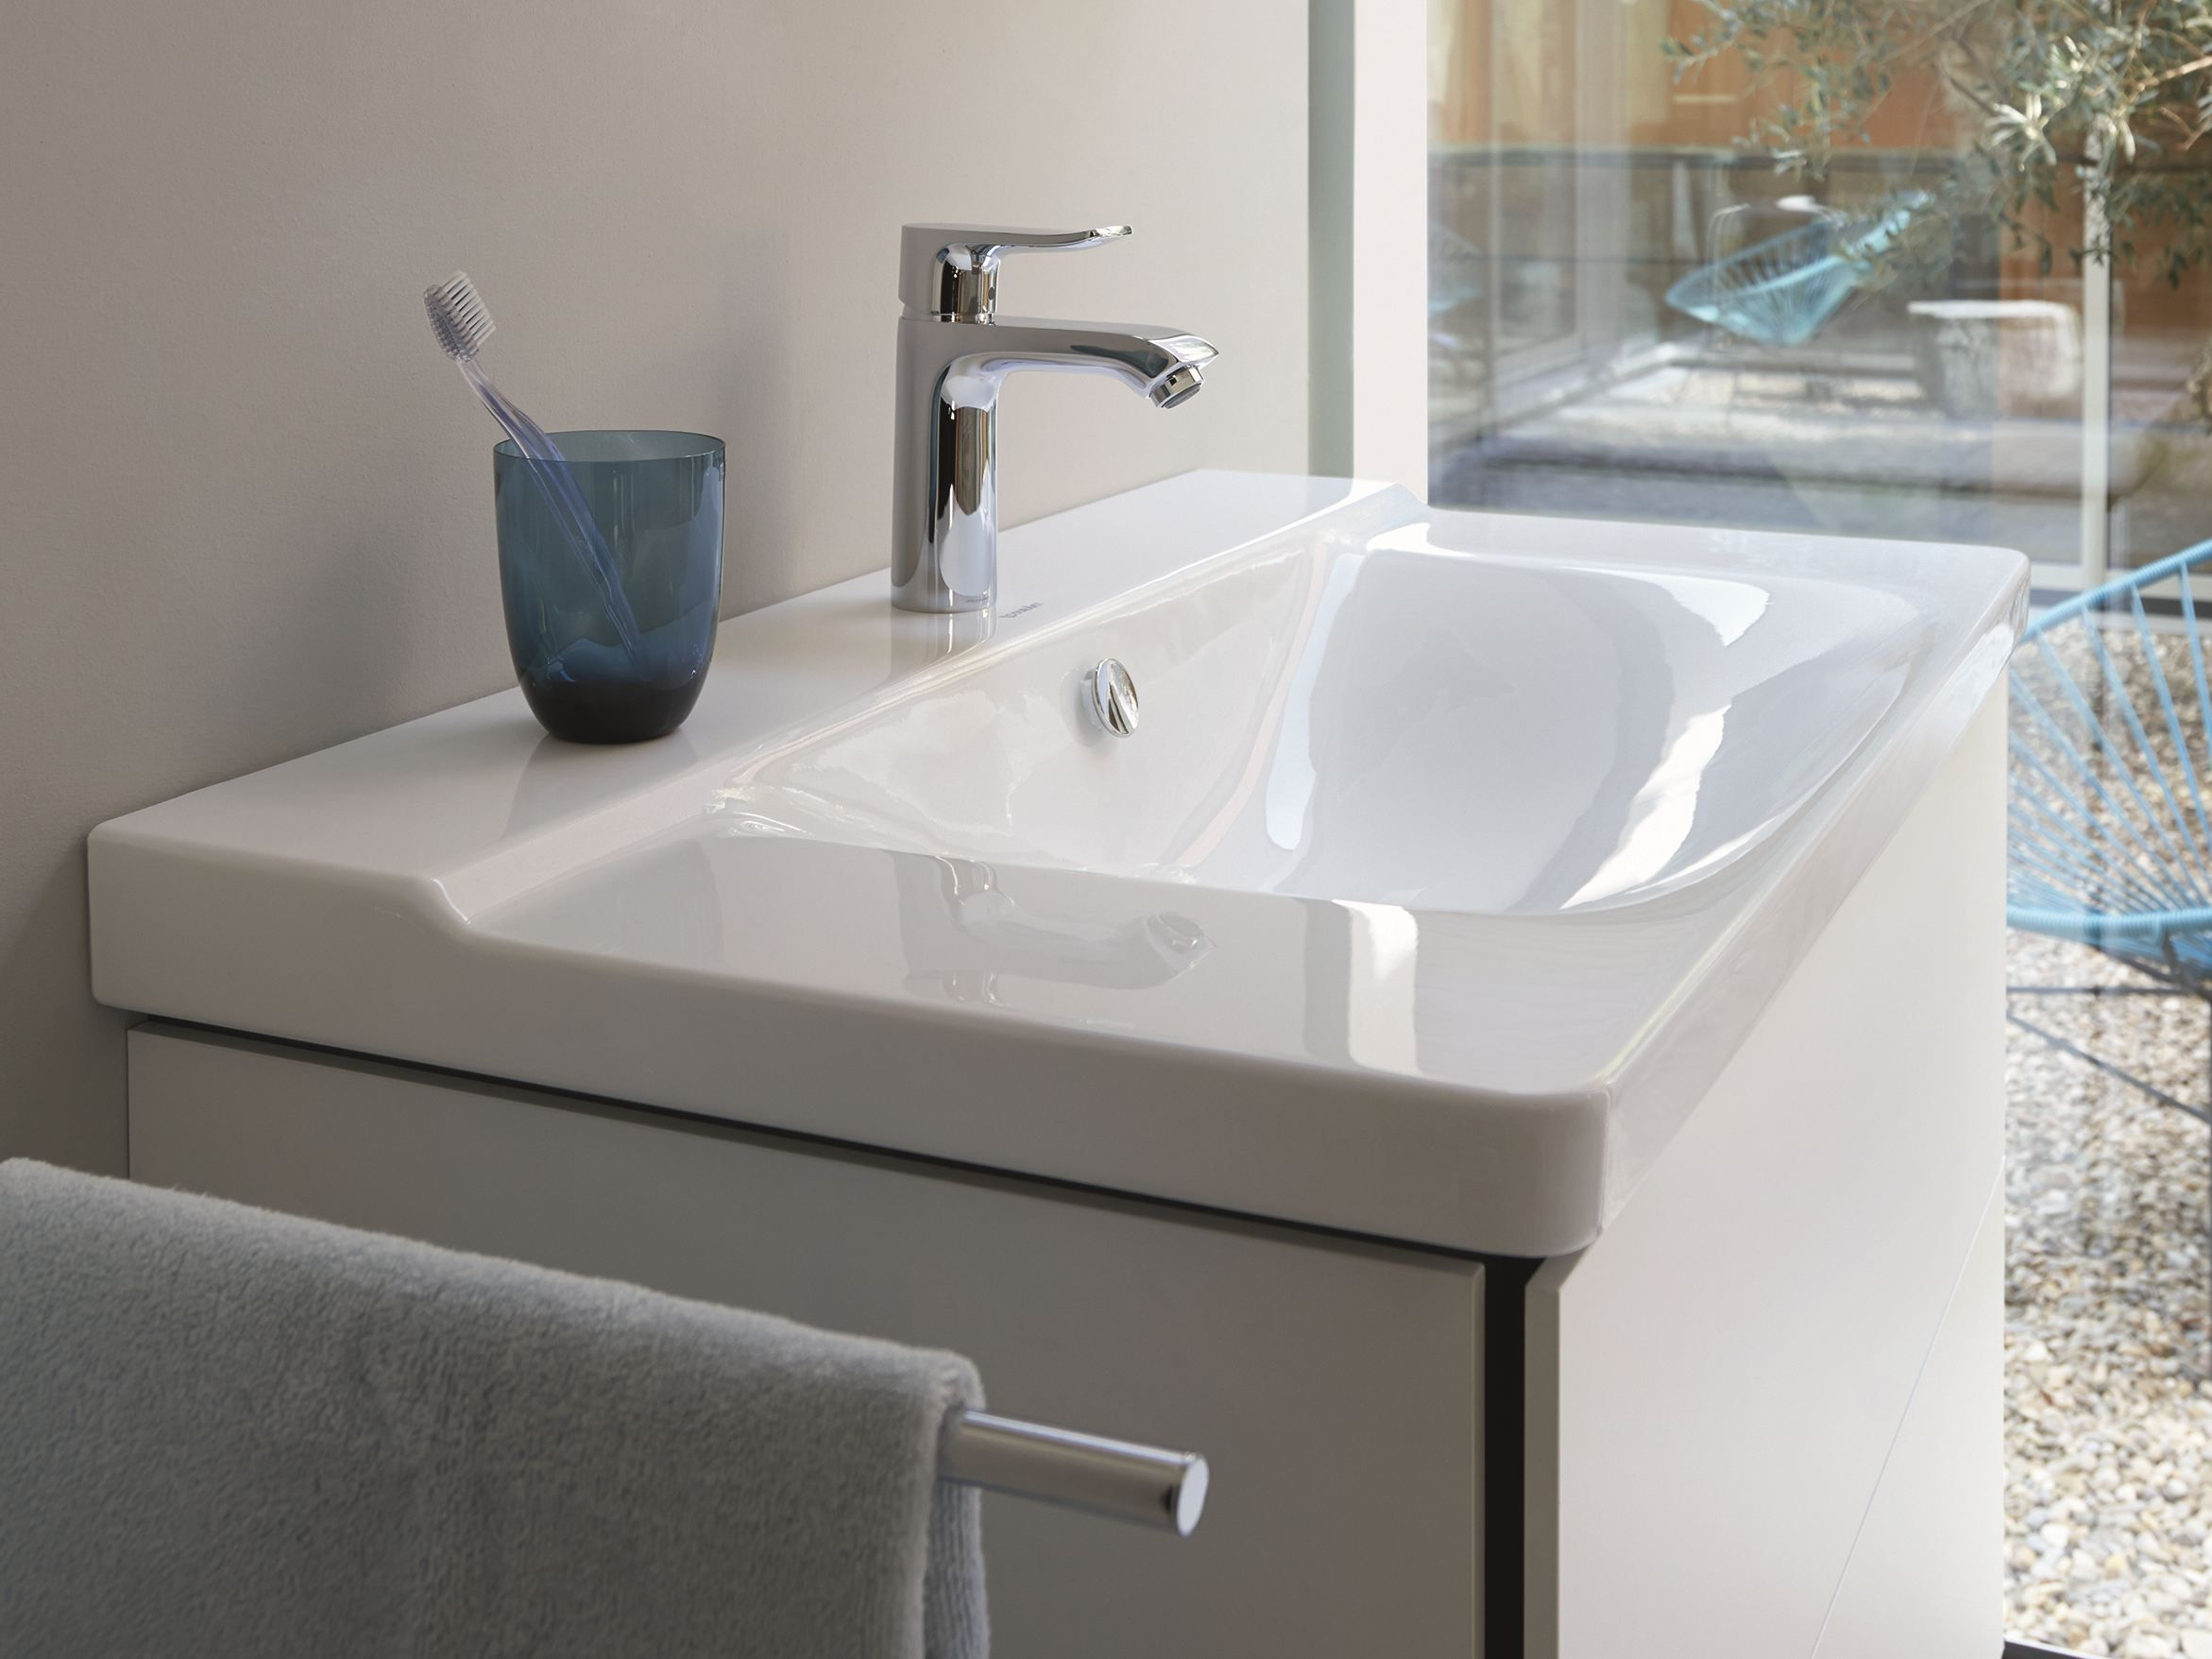 Bathroom Sinks In Phoenix phoenix design duravit p3 - google keresés | designers_phoenix